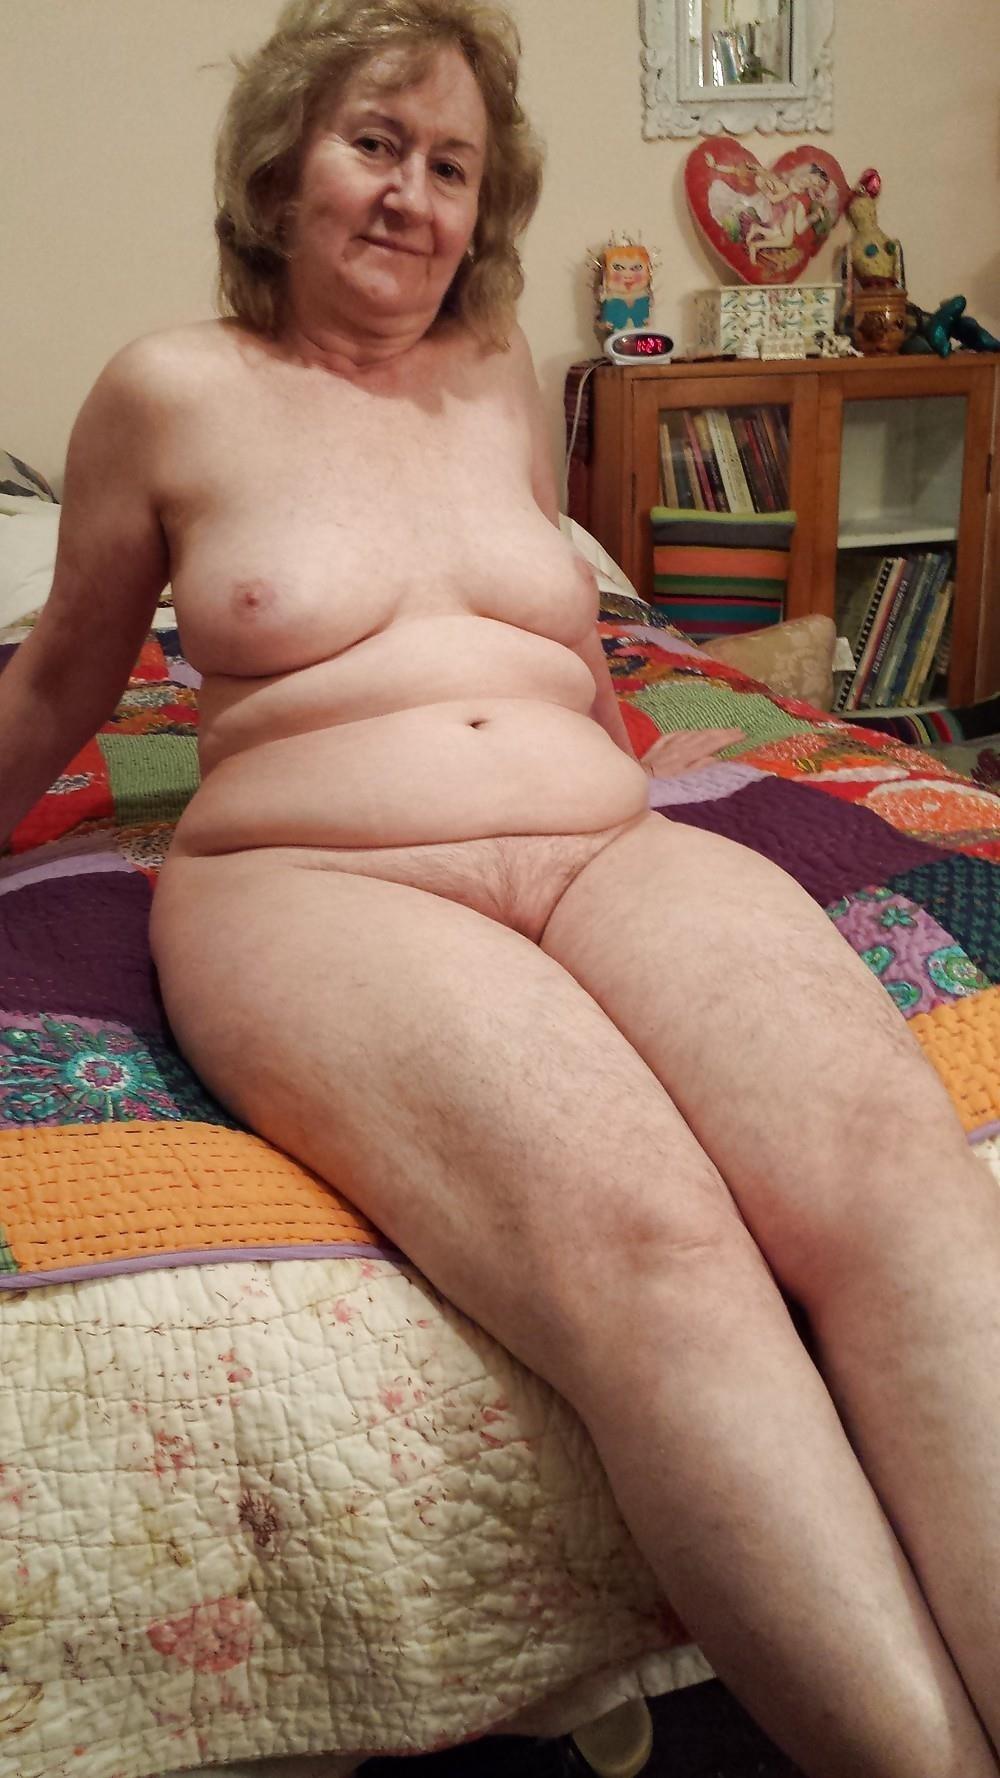 Chubby granny nude pics-2224